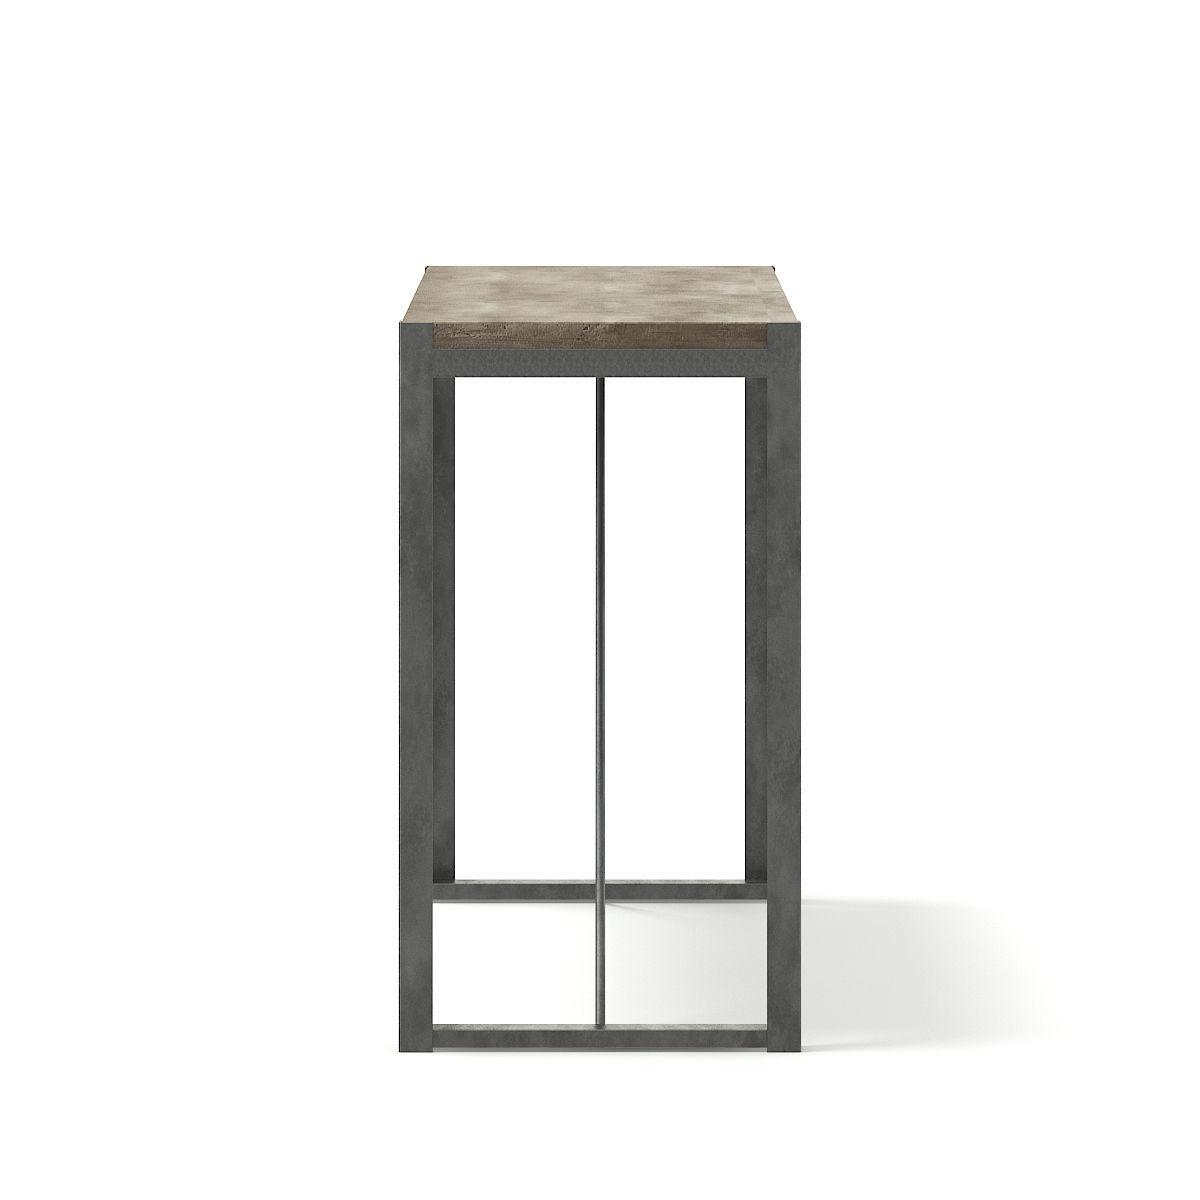 ... Tall Wood And Metal Table 3d Model Max Obj Fbx C4d Mtl 3 ...